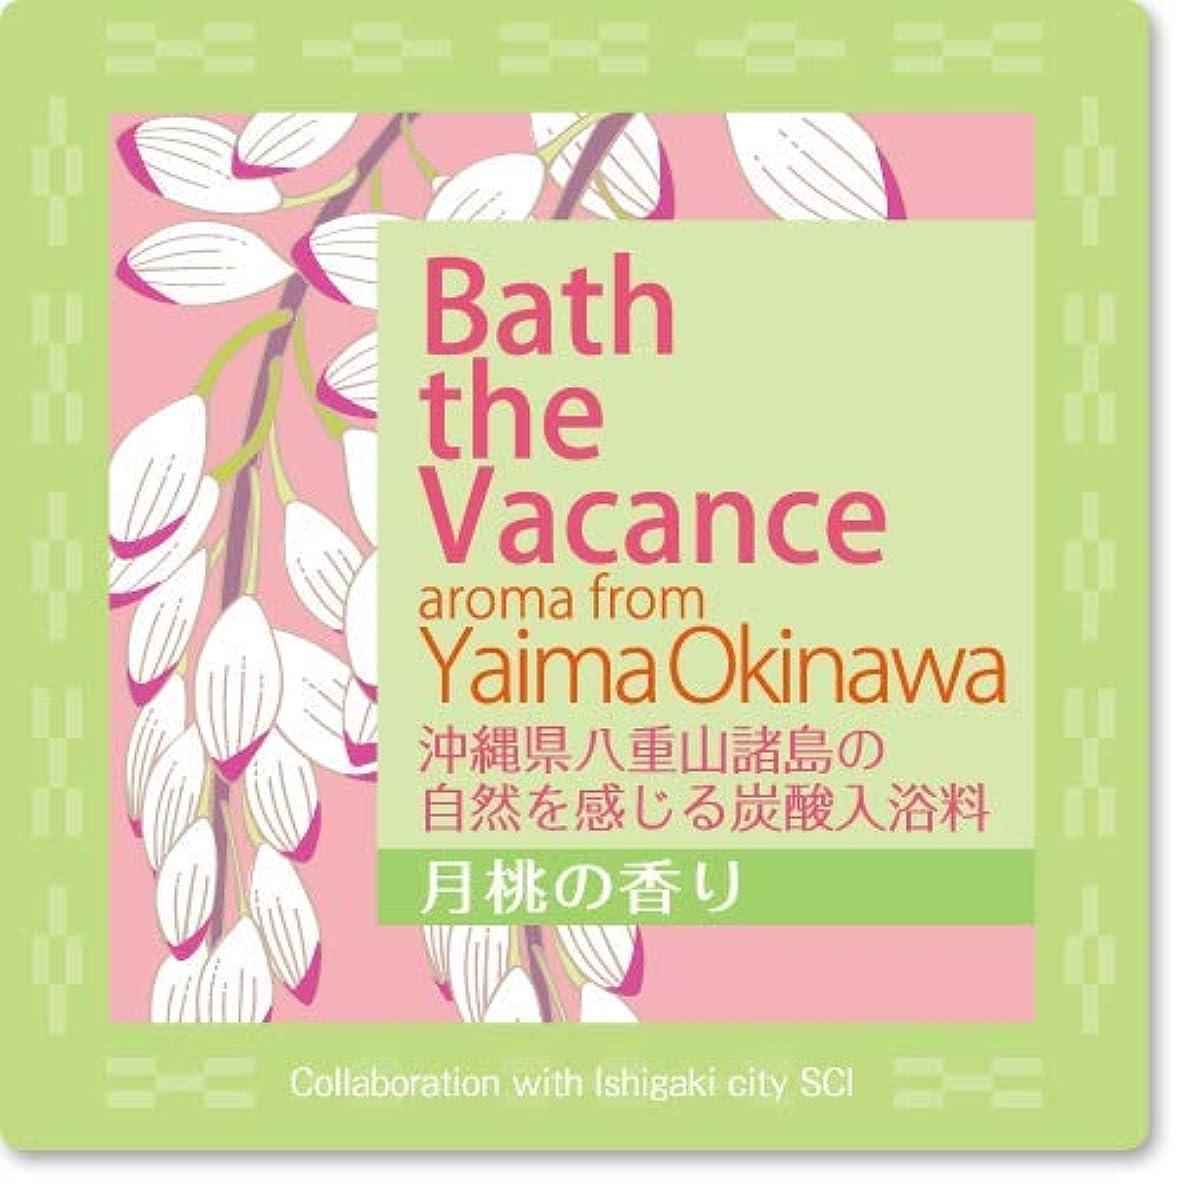 宴会宿洞察力のある月桃の香り 3袋セット